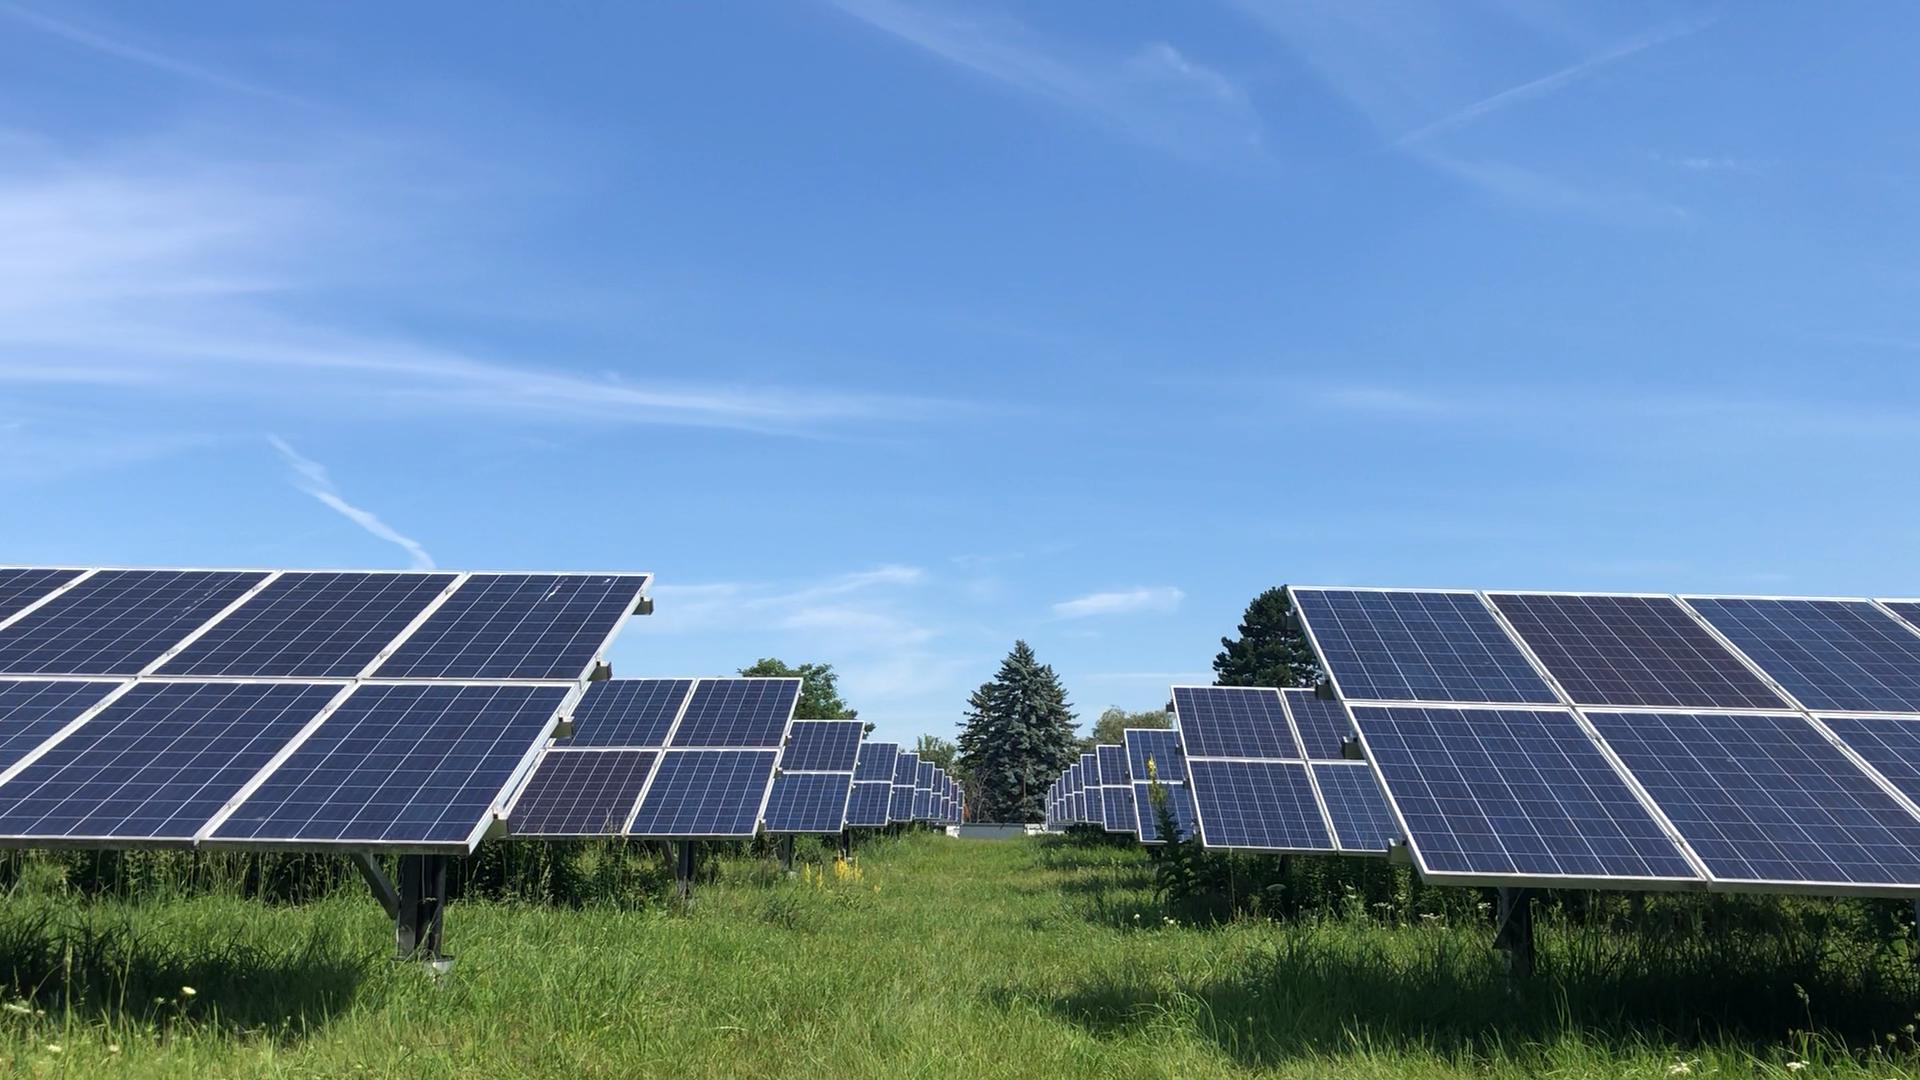 Das im Mai 2012 eröffnete Solarkraftwerk versorgt seither etwa 200 Wiener Haushalte mit nachhaltiger Sonnenenergie..